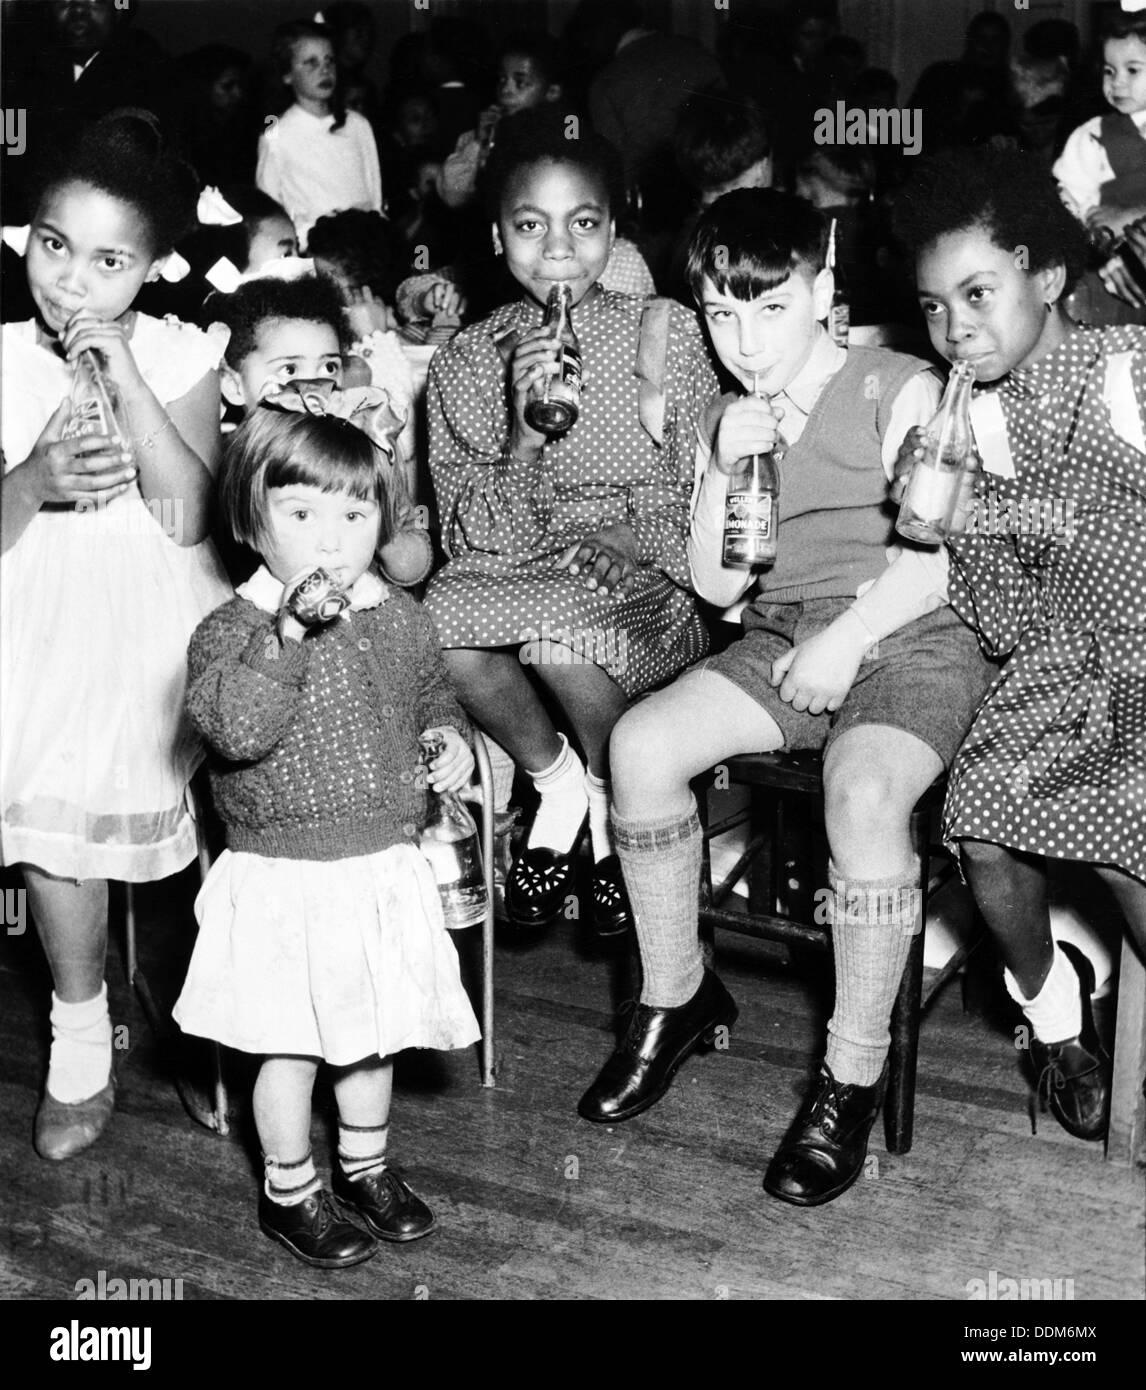 Children, London, 1950s. Artist: Henry Grant - Stock Image